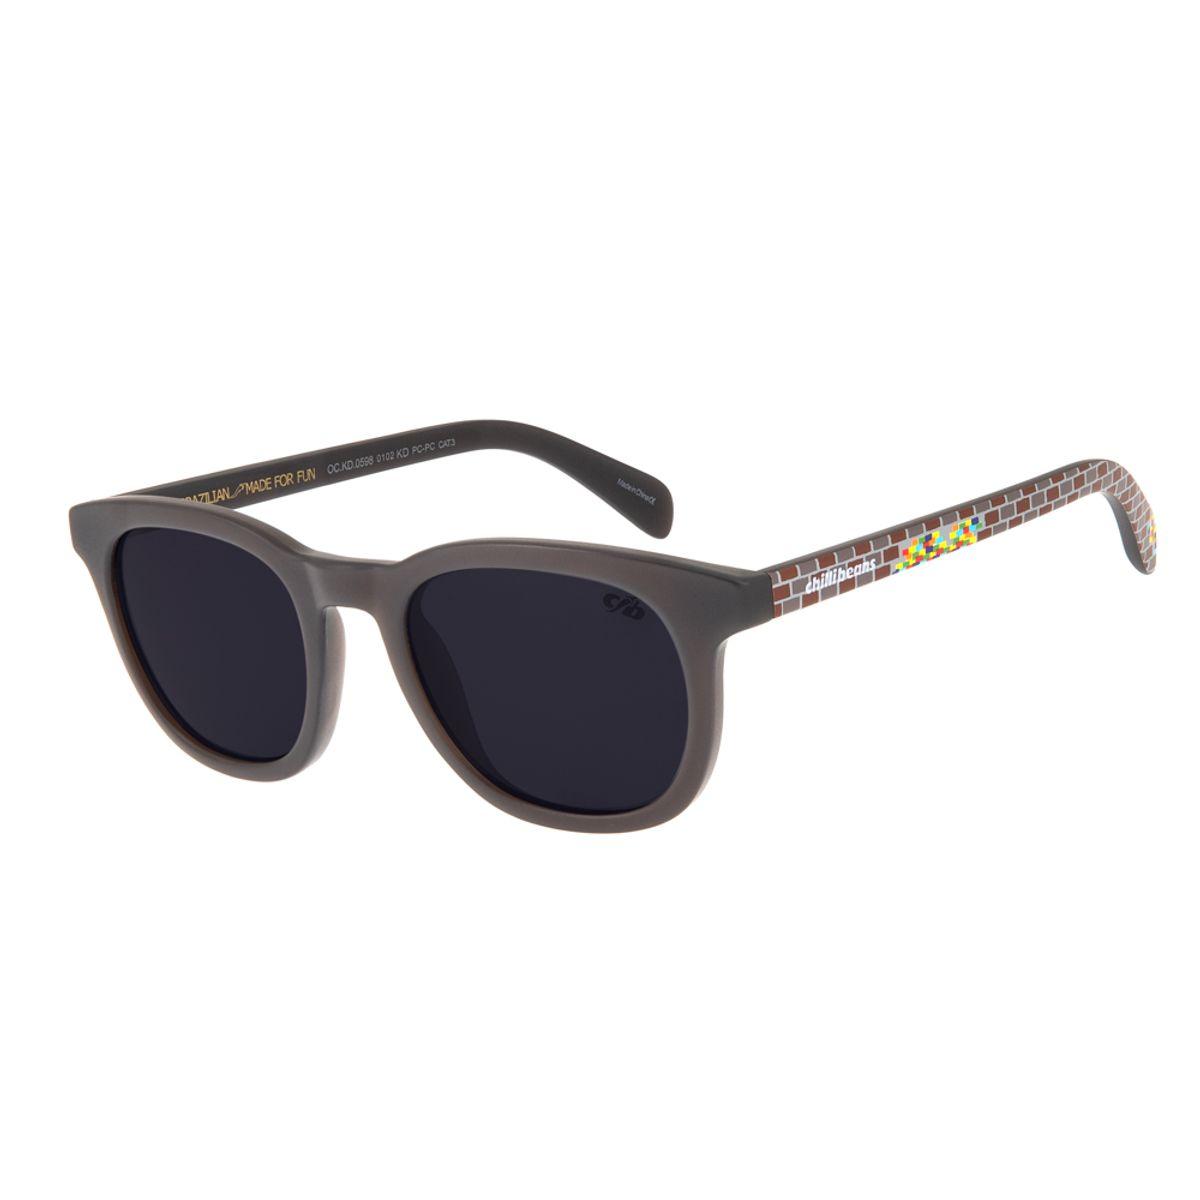 f90d43c24 Óculos de Sol Chilli Beans Infantil Blocos Arte de Rua Cranio Marrom ...